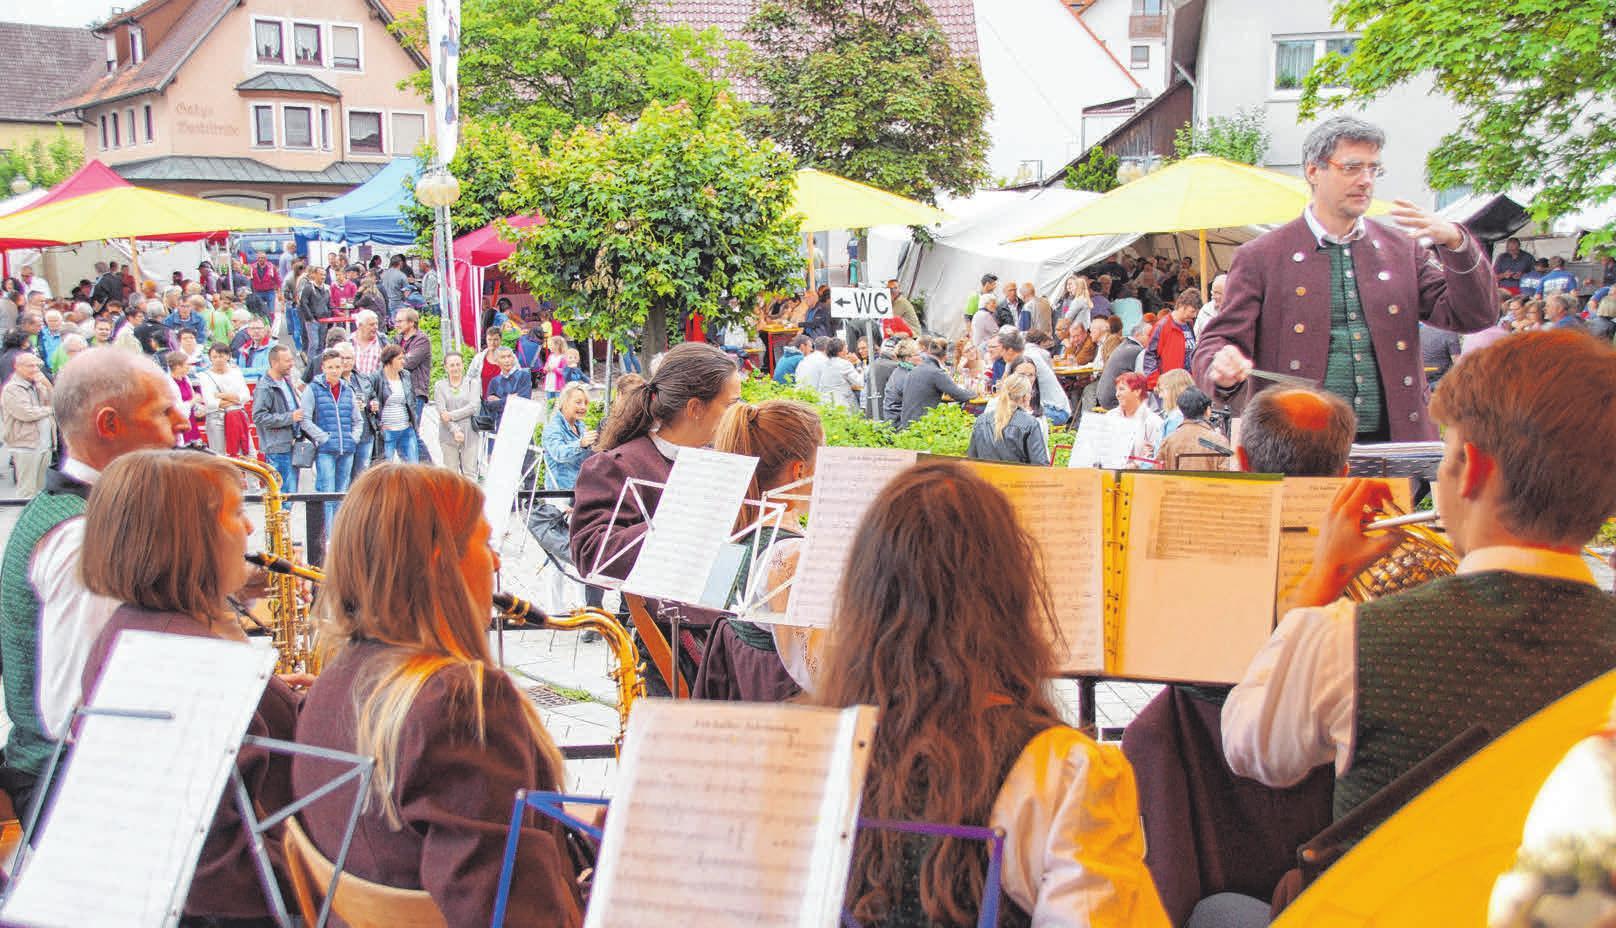 Der Musikverein Daugendorf gibt eines der Platzkonzerte. FOTO: WOLFGANG LUTZ